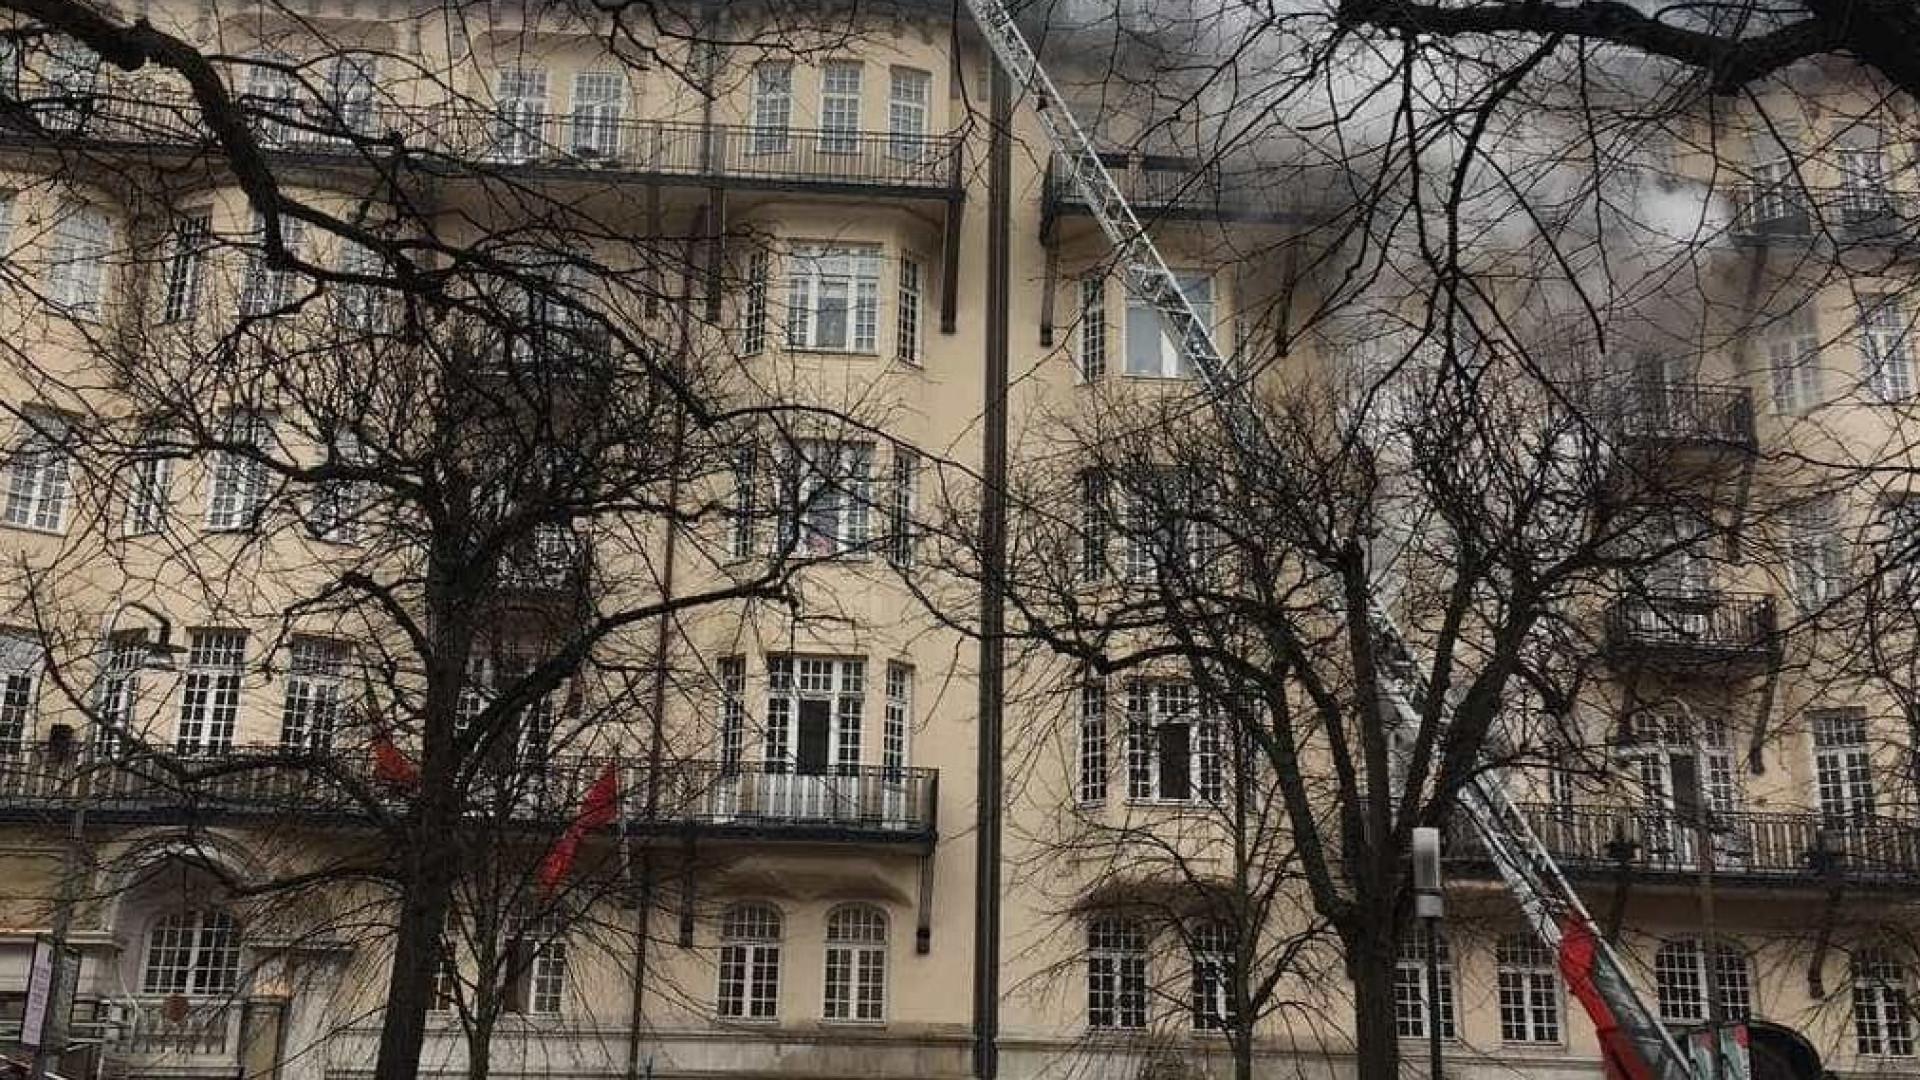 Polícia sueca deteve suspeito de provocar fogo na embaixada de Portugal